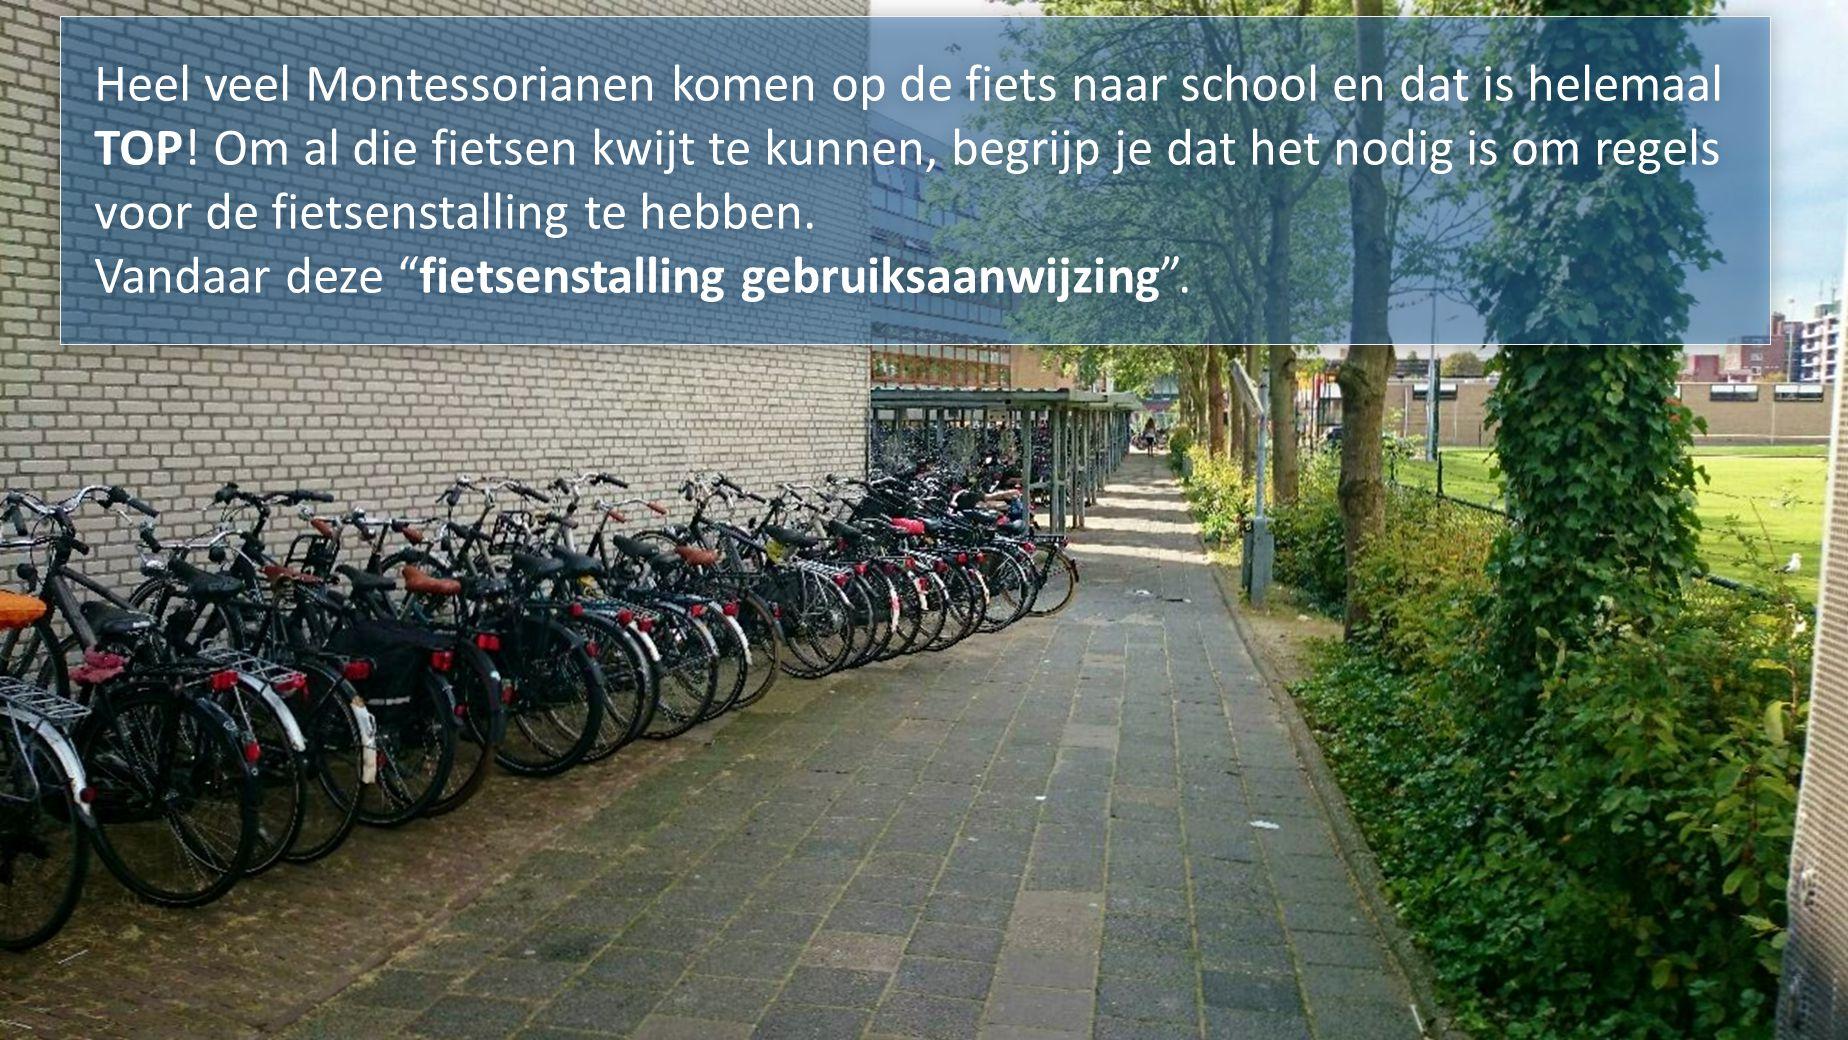 Heel veel Montessorianen komen op de fiets naar school en dat is helemaal TOP! Om al die fietsen kwijt te kunnen, begrijp je dat het nodig is om regel